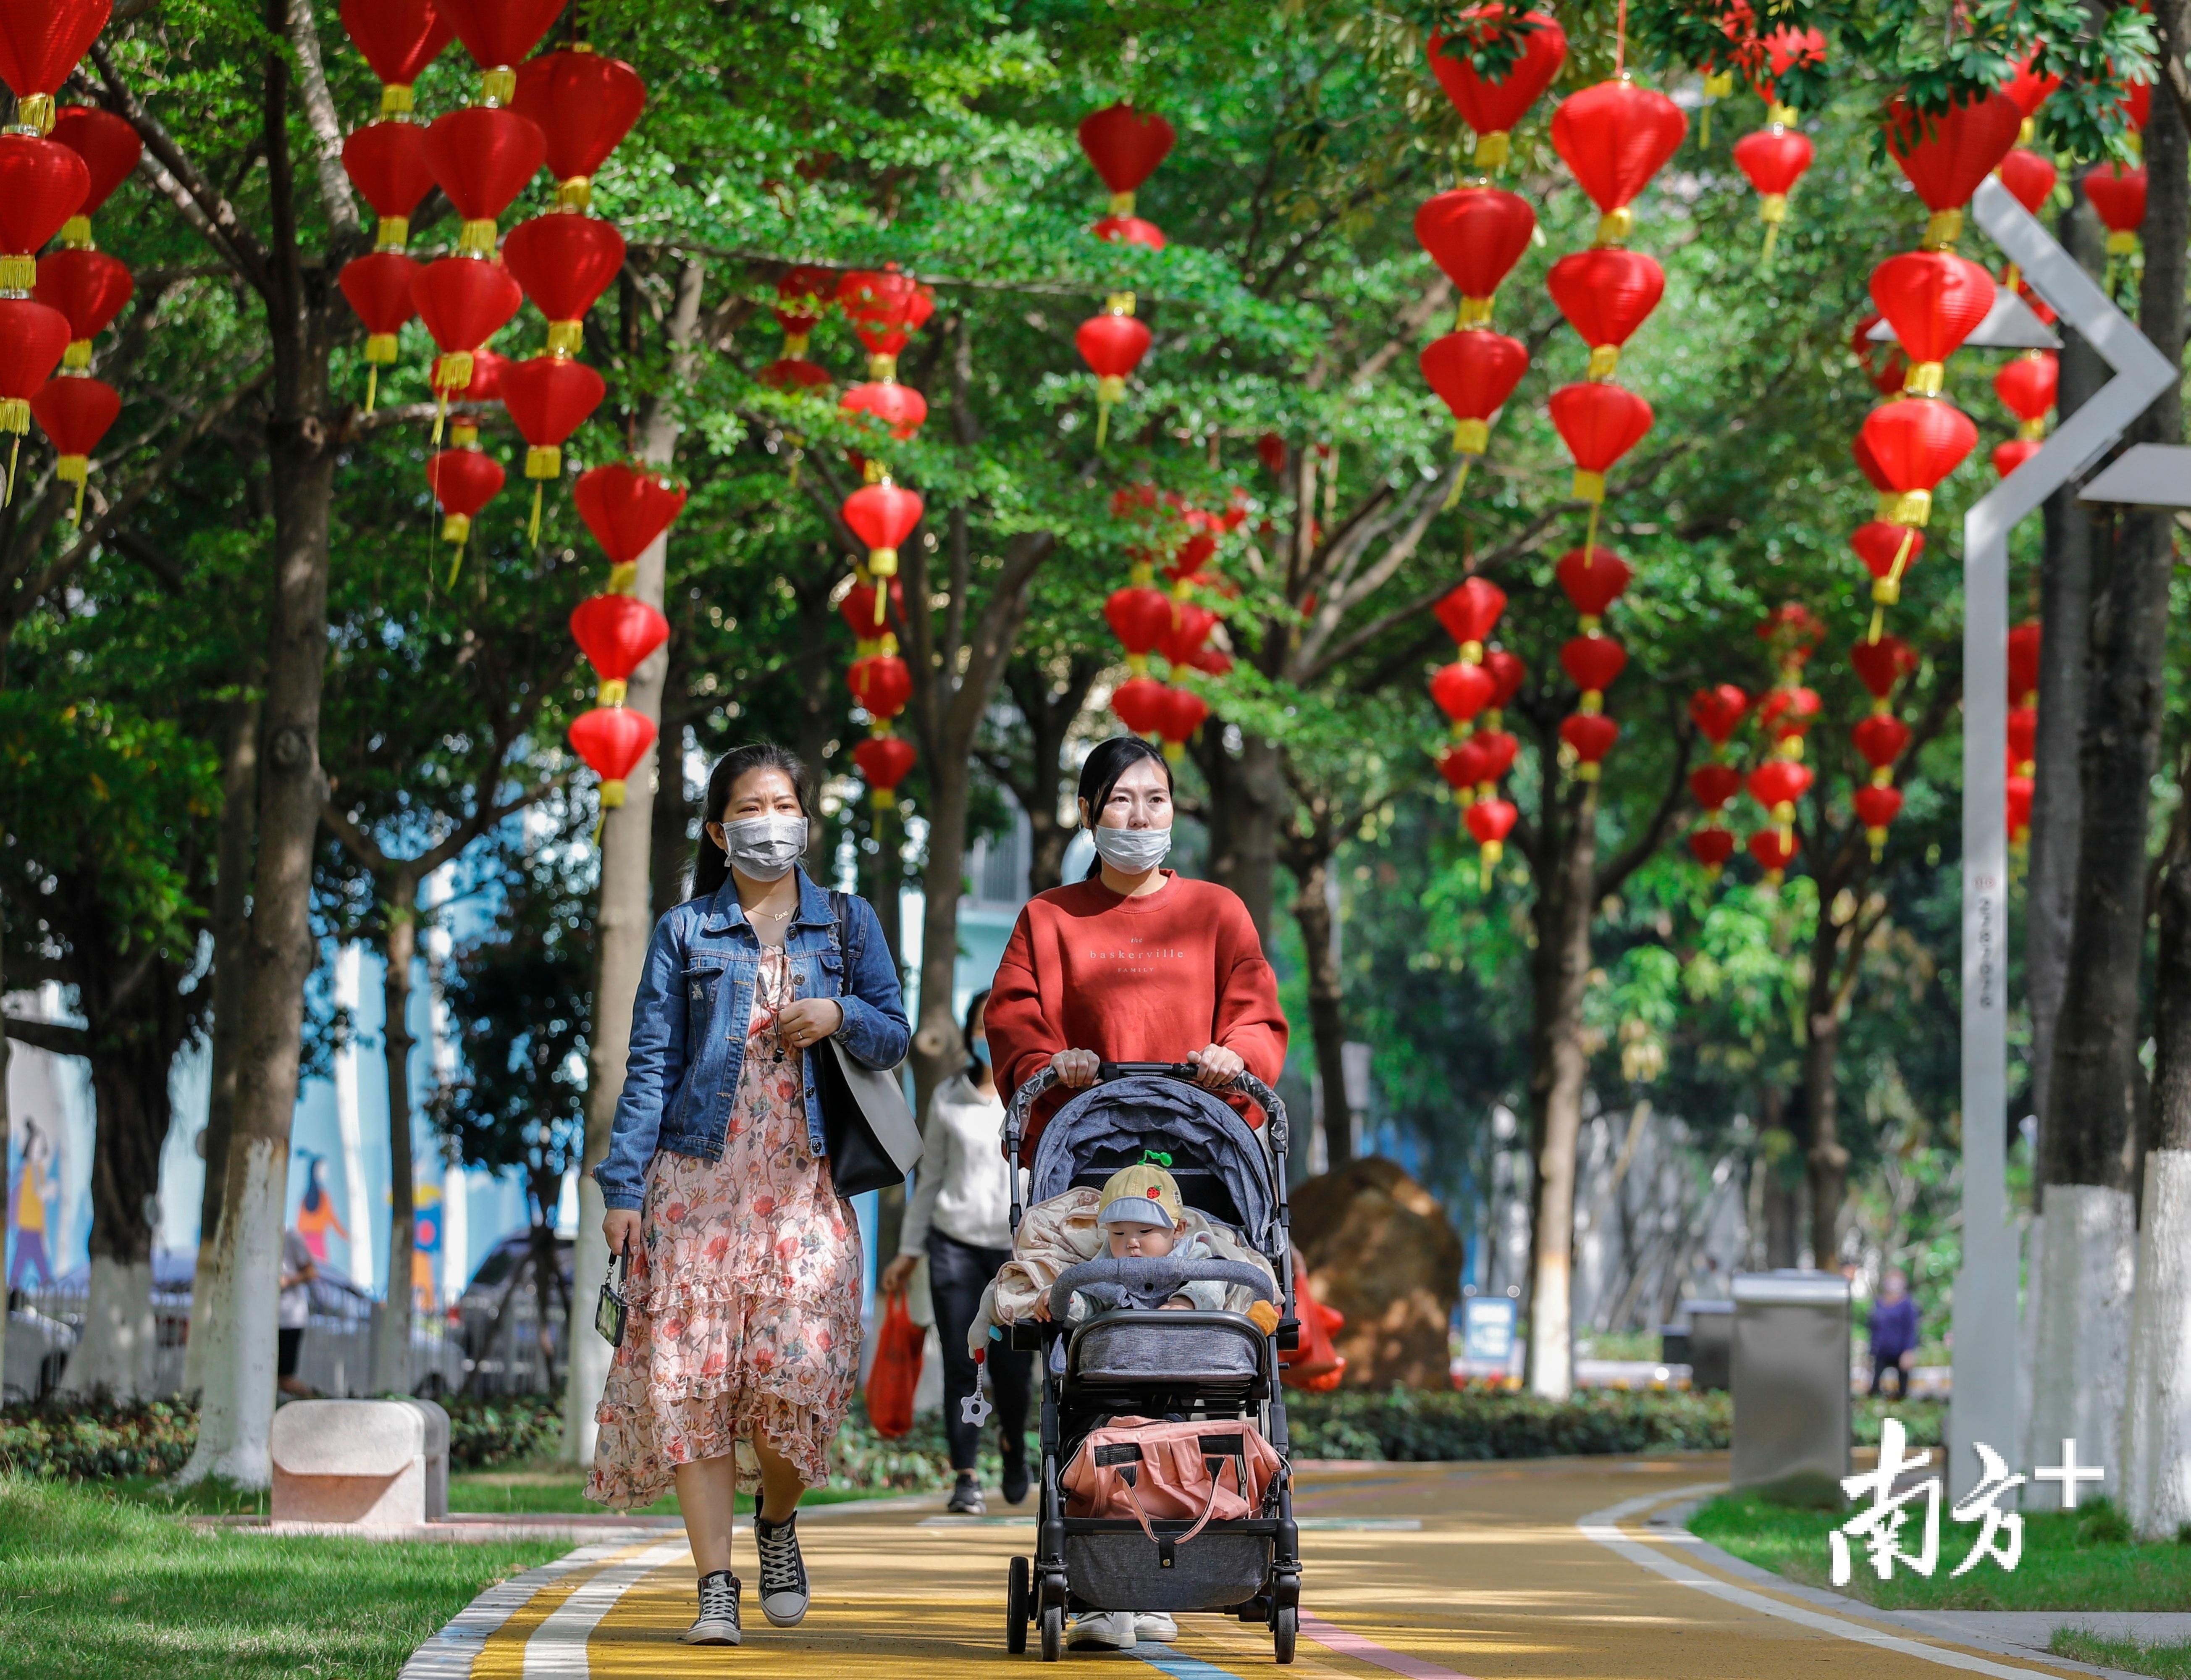 位于文化广场的好心绿道穿林而过,传递着春天的气息。